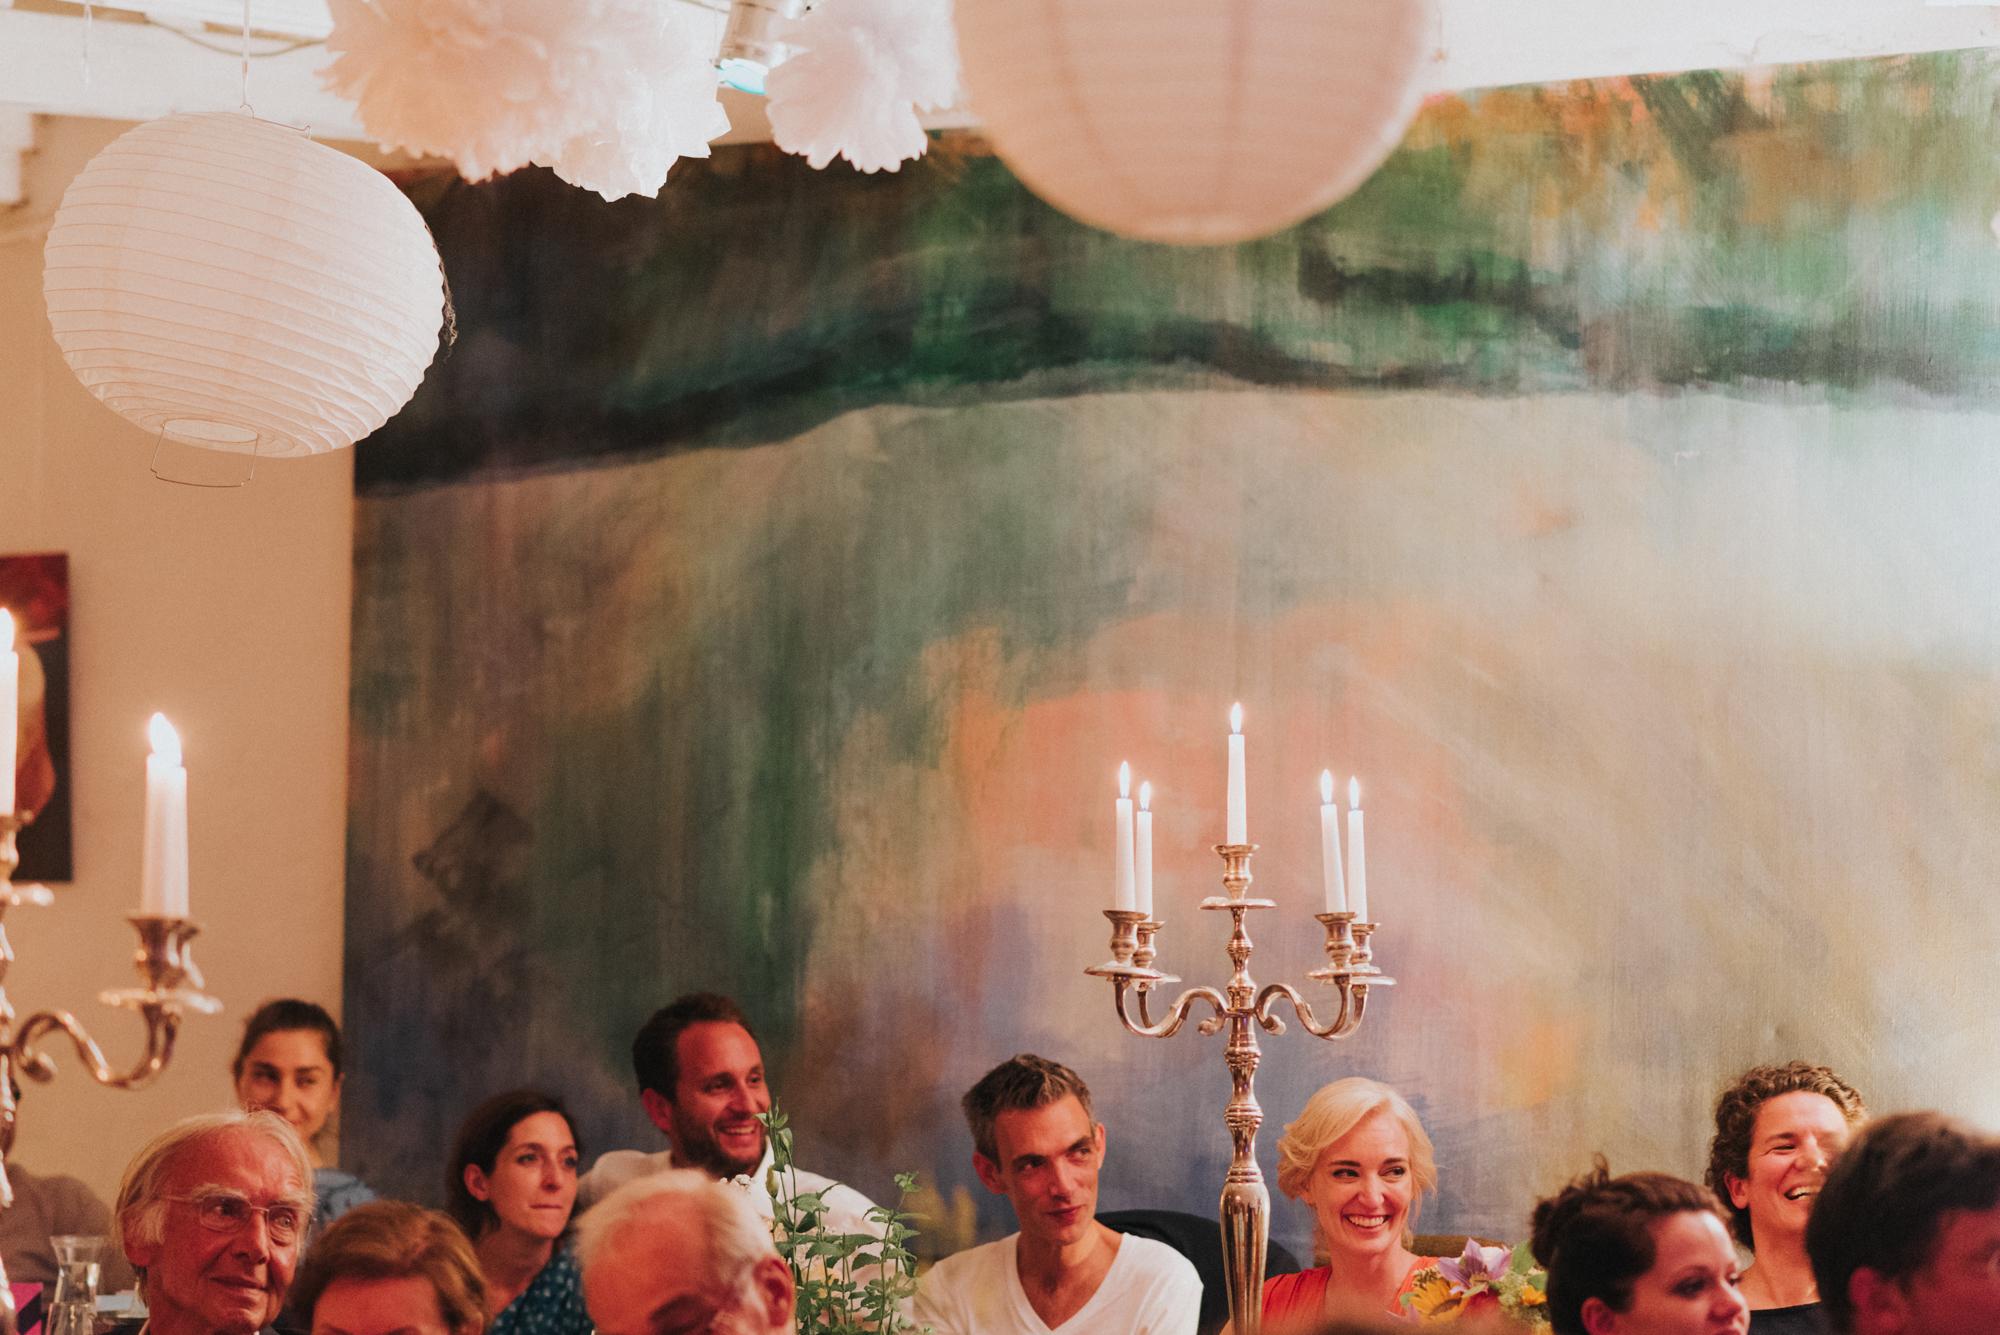 belle&sass_Hochzeit_Stadtflucht Bergmühle-44.jpg